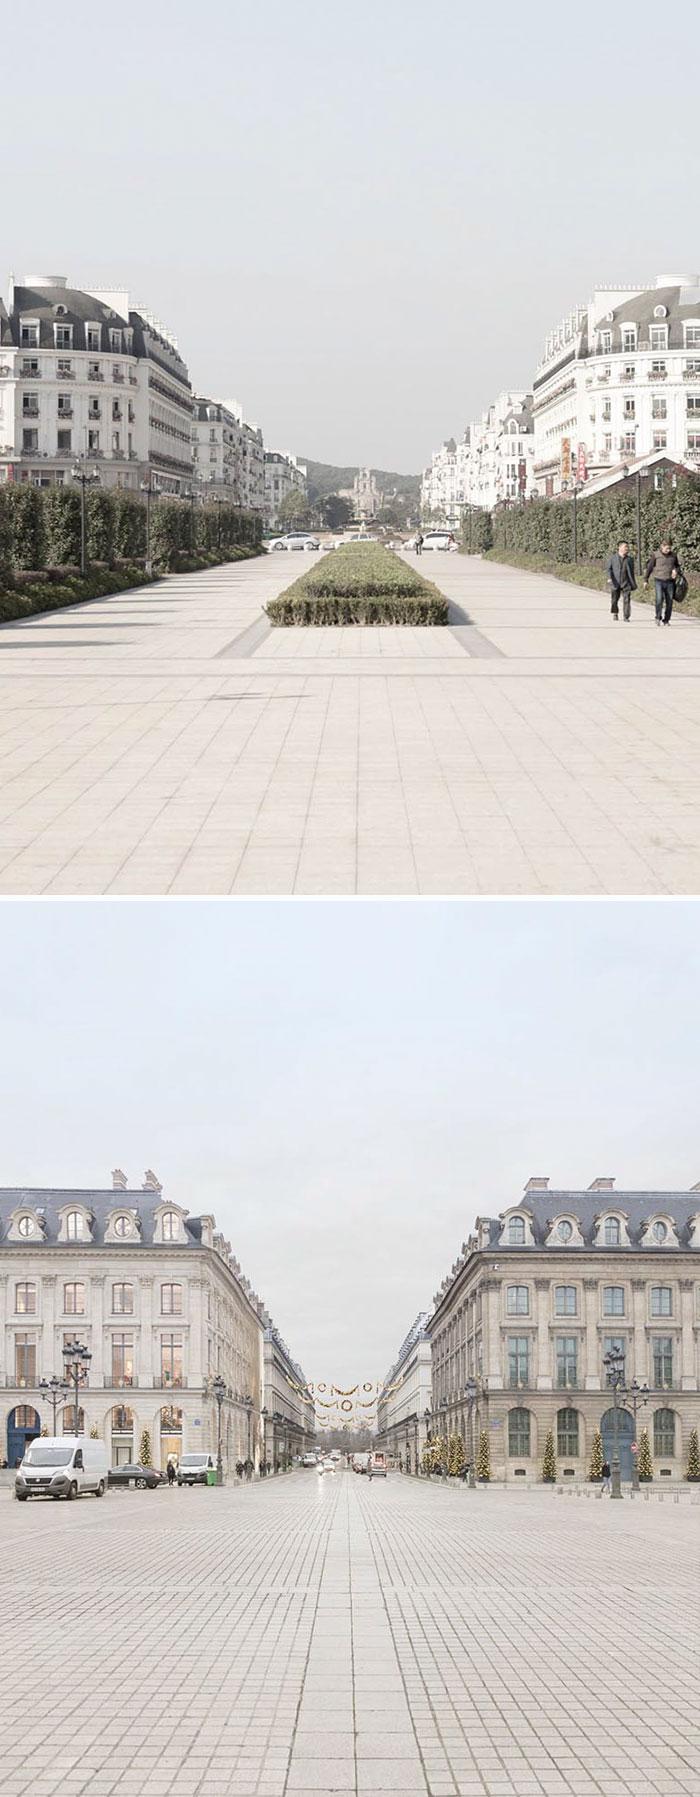 Парижский синдром Китай, копию, расстоянии, жителей, жилой, комплекс, пригороде, Ханчжоу, Строительство, города, началось, первоначально, рассчитано, размещение, около, выглядят, «Памятники, места, одинаково, совершенно